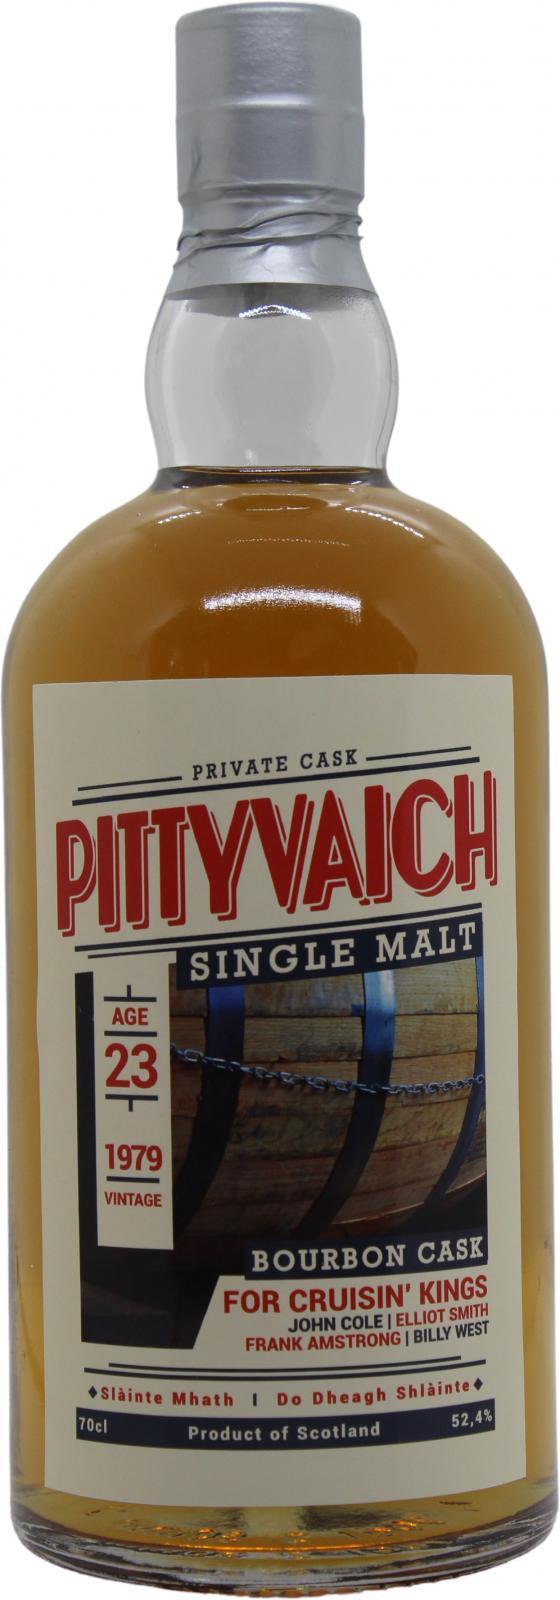 Pittyvaich 1979 UD